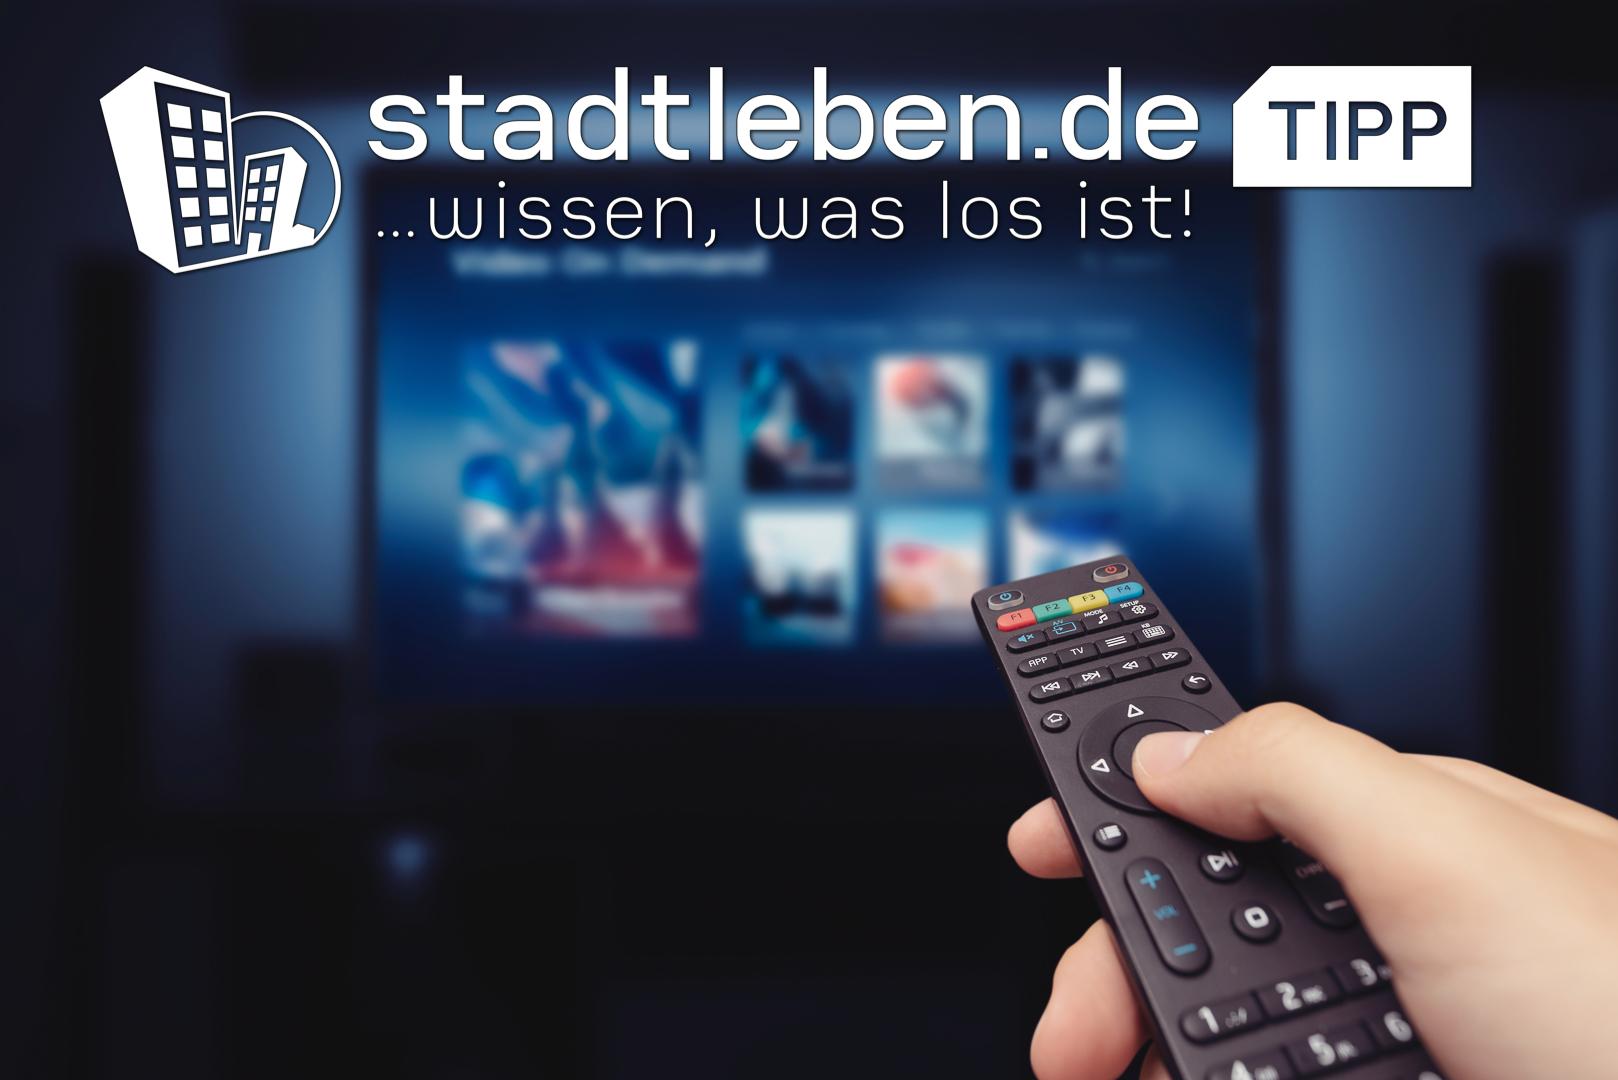 Serie im TV suchen